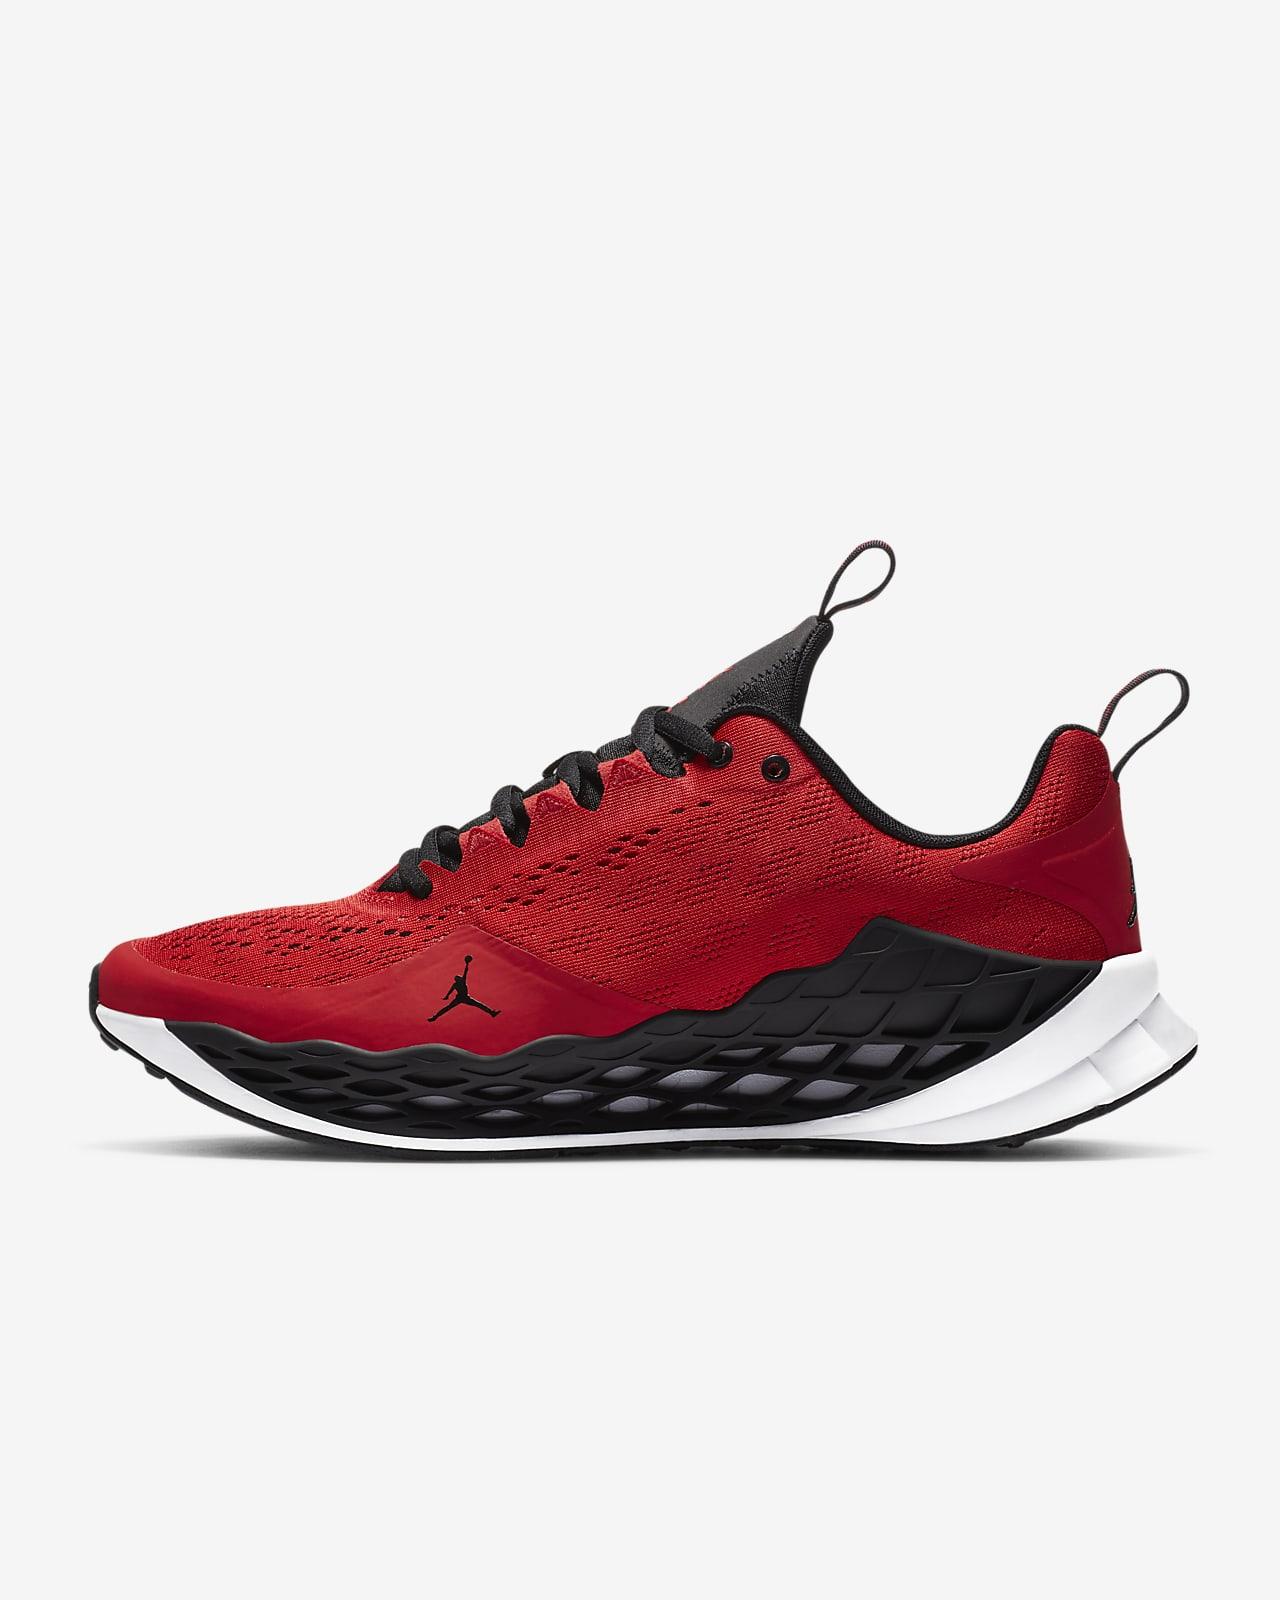 Jordan Zoom Trunner Advance Training Shoes